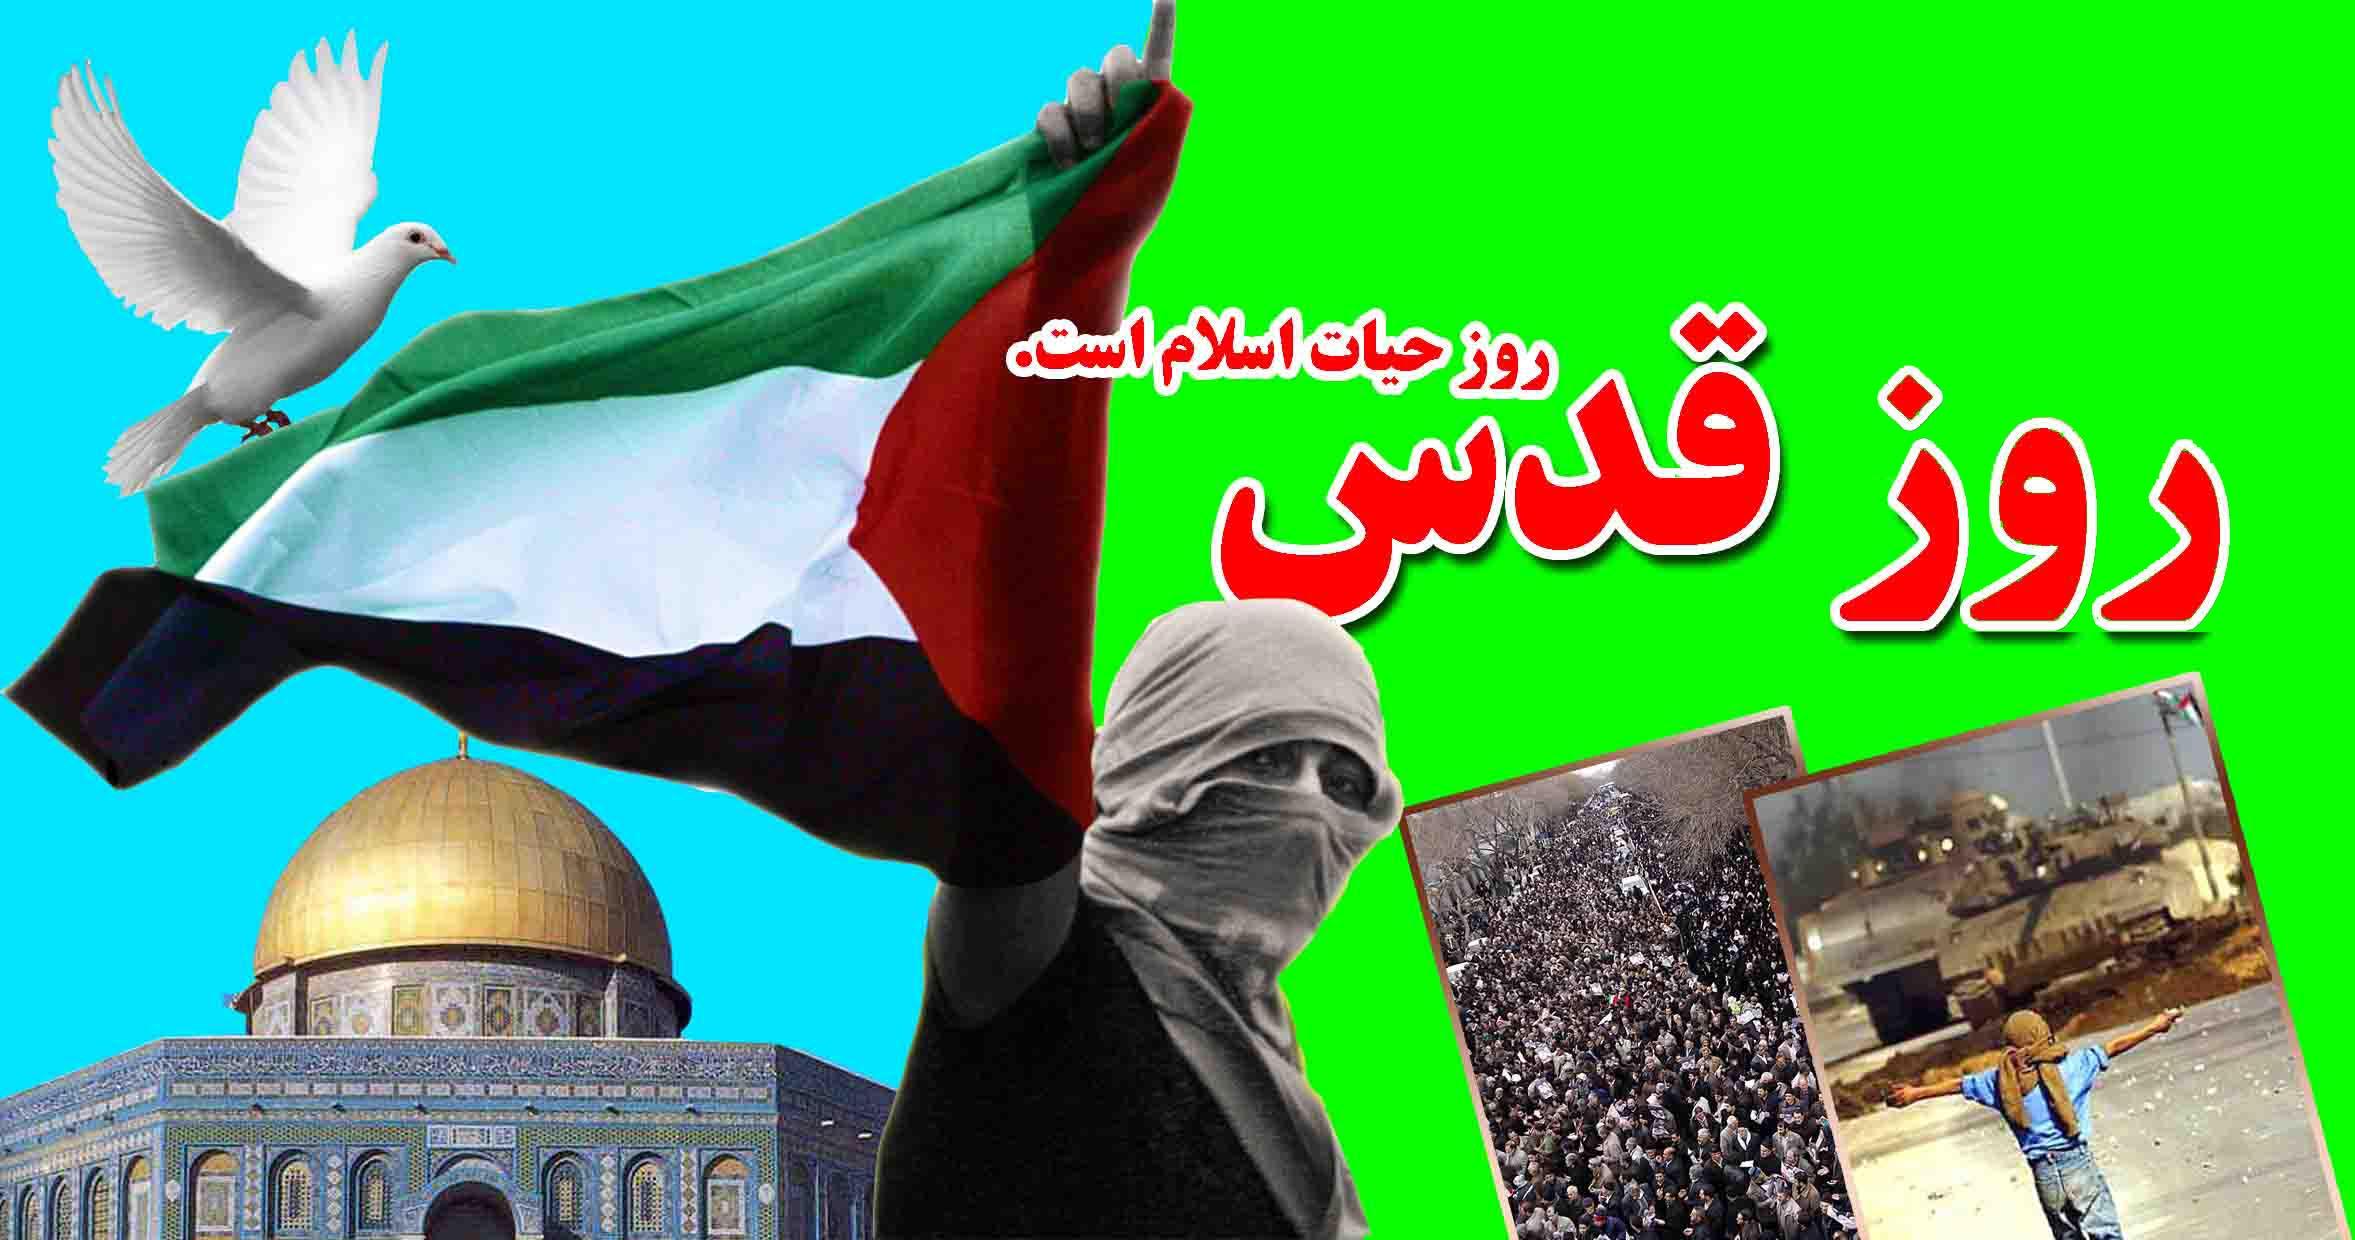 بیانیه مرکز مدیریت حوزه علمیه فارس